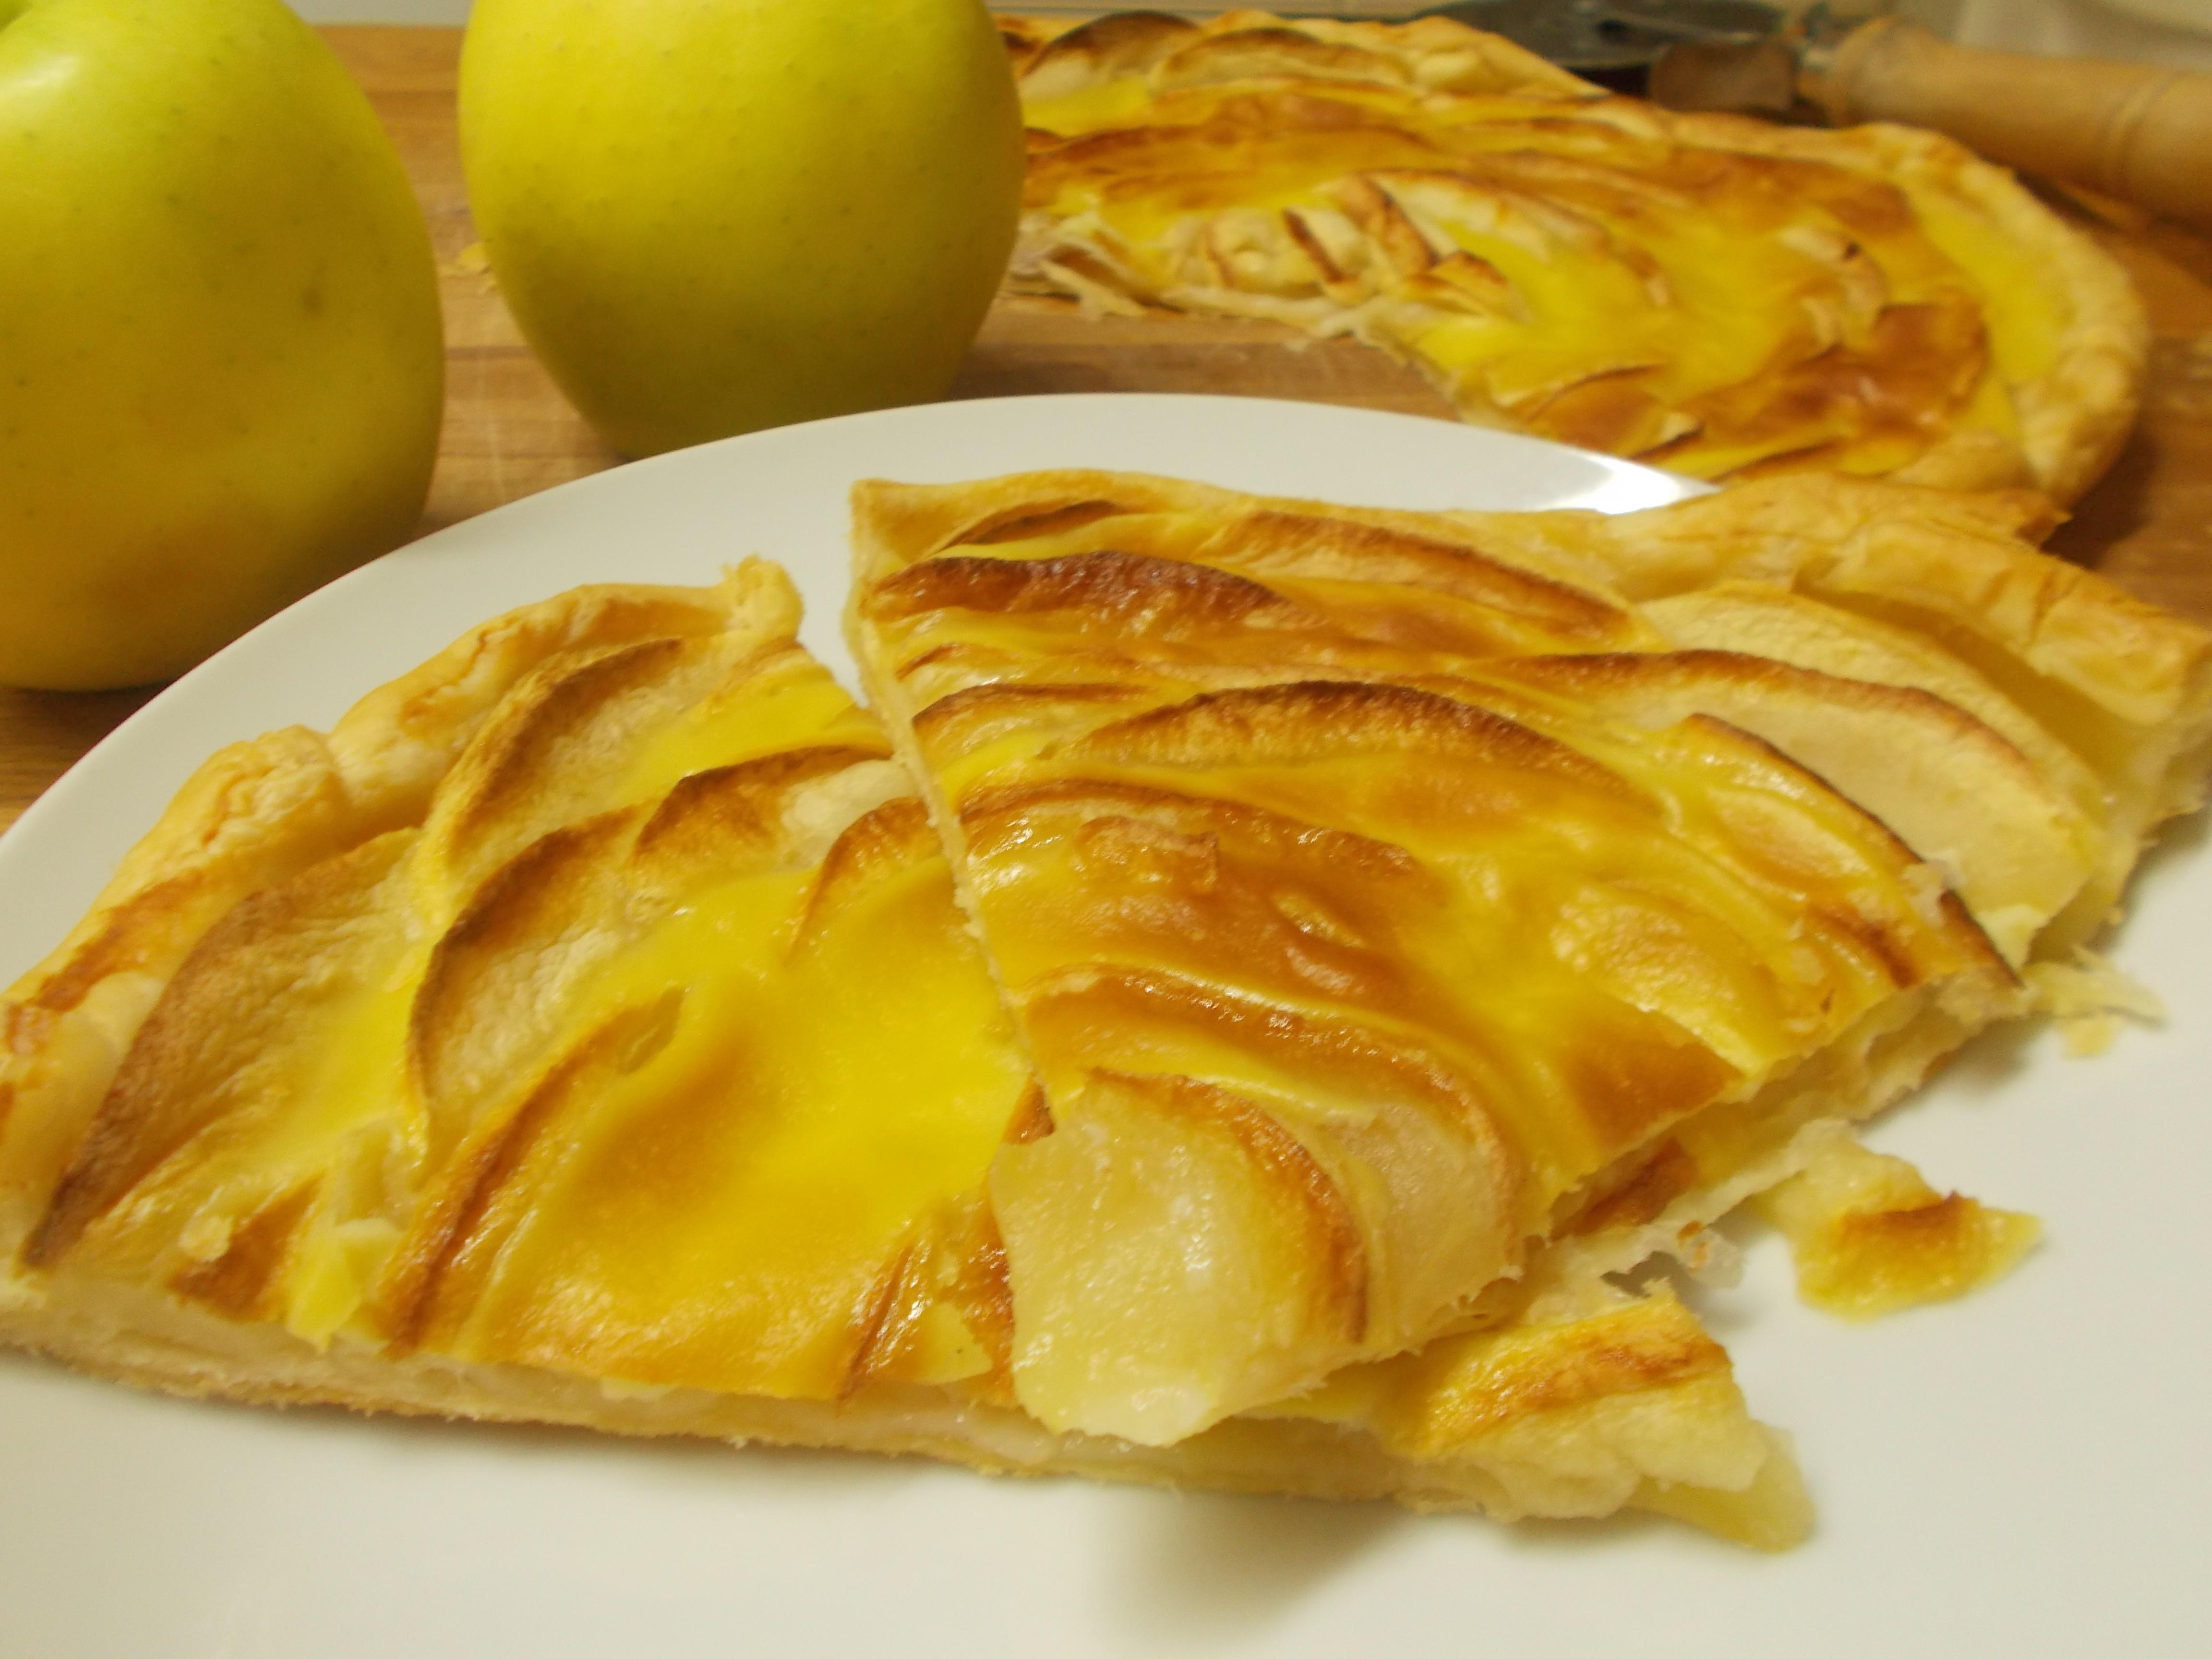 Gateau di mele tortestorte cakes - Immagini stampabili di mele ...